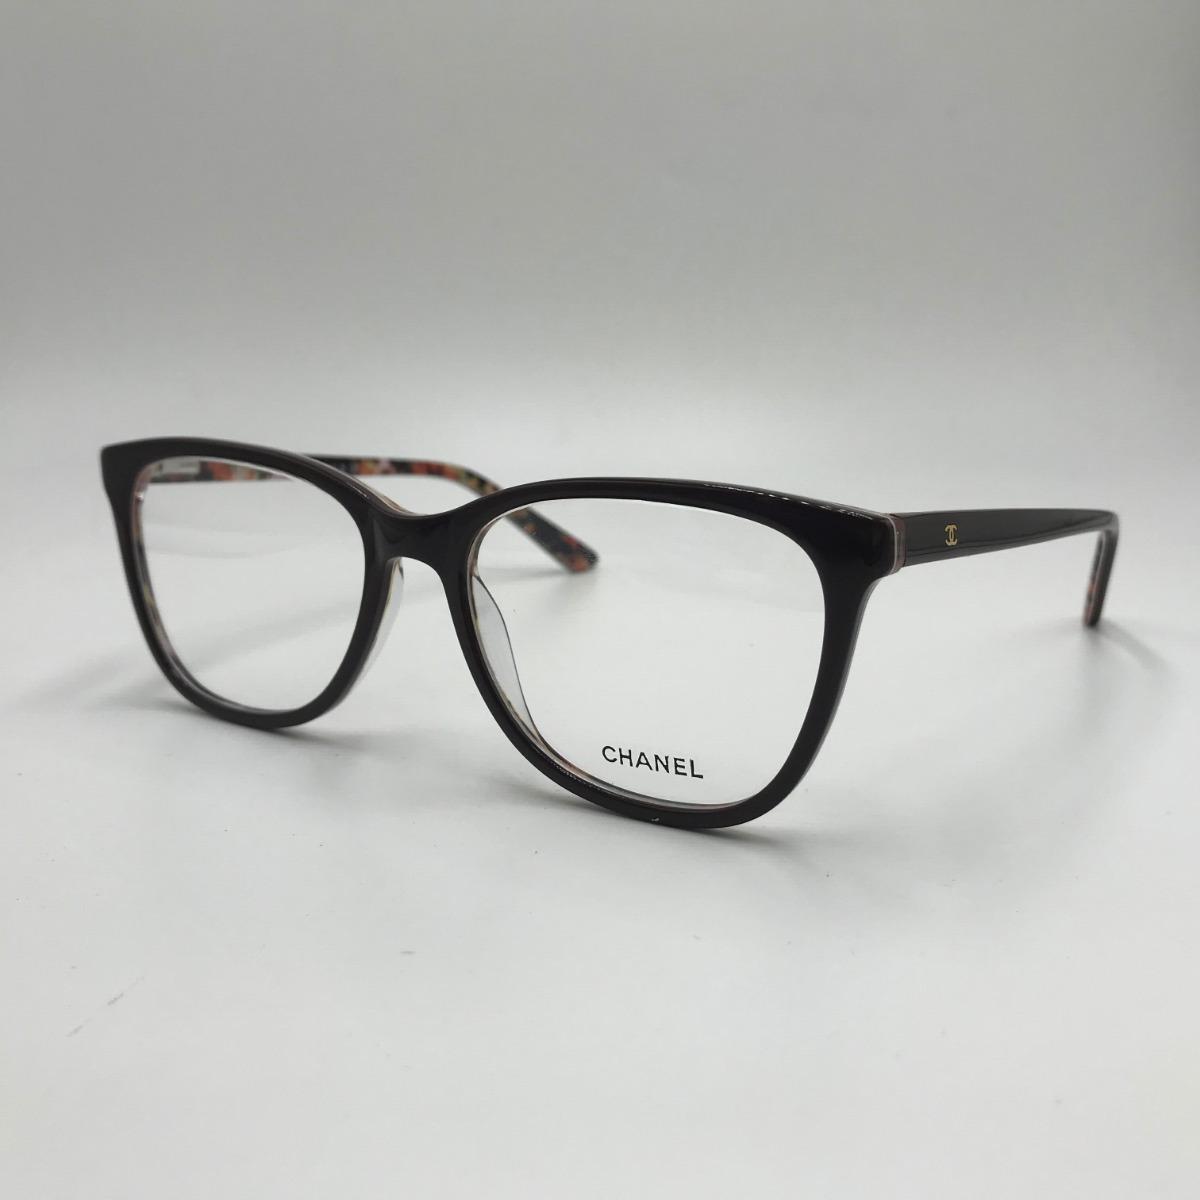 43a35bc2e8912 Armação Óculos Grau Feminino Gatinho Acetato 3228 - R  100,00 em ...